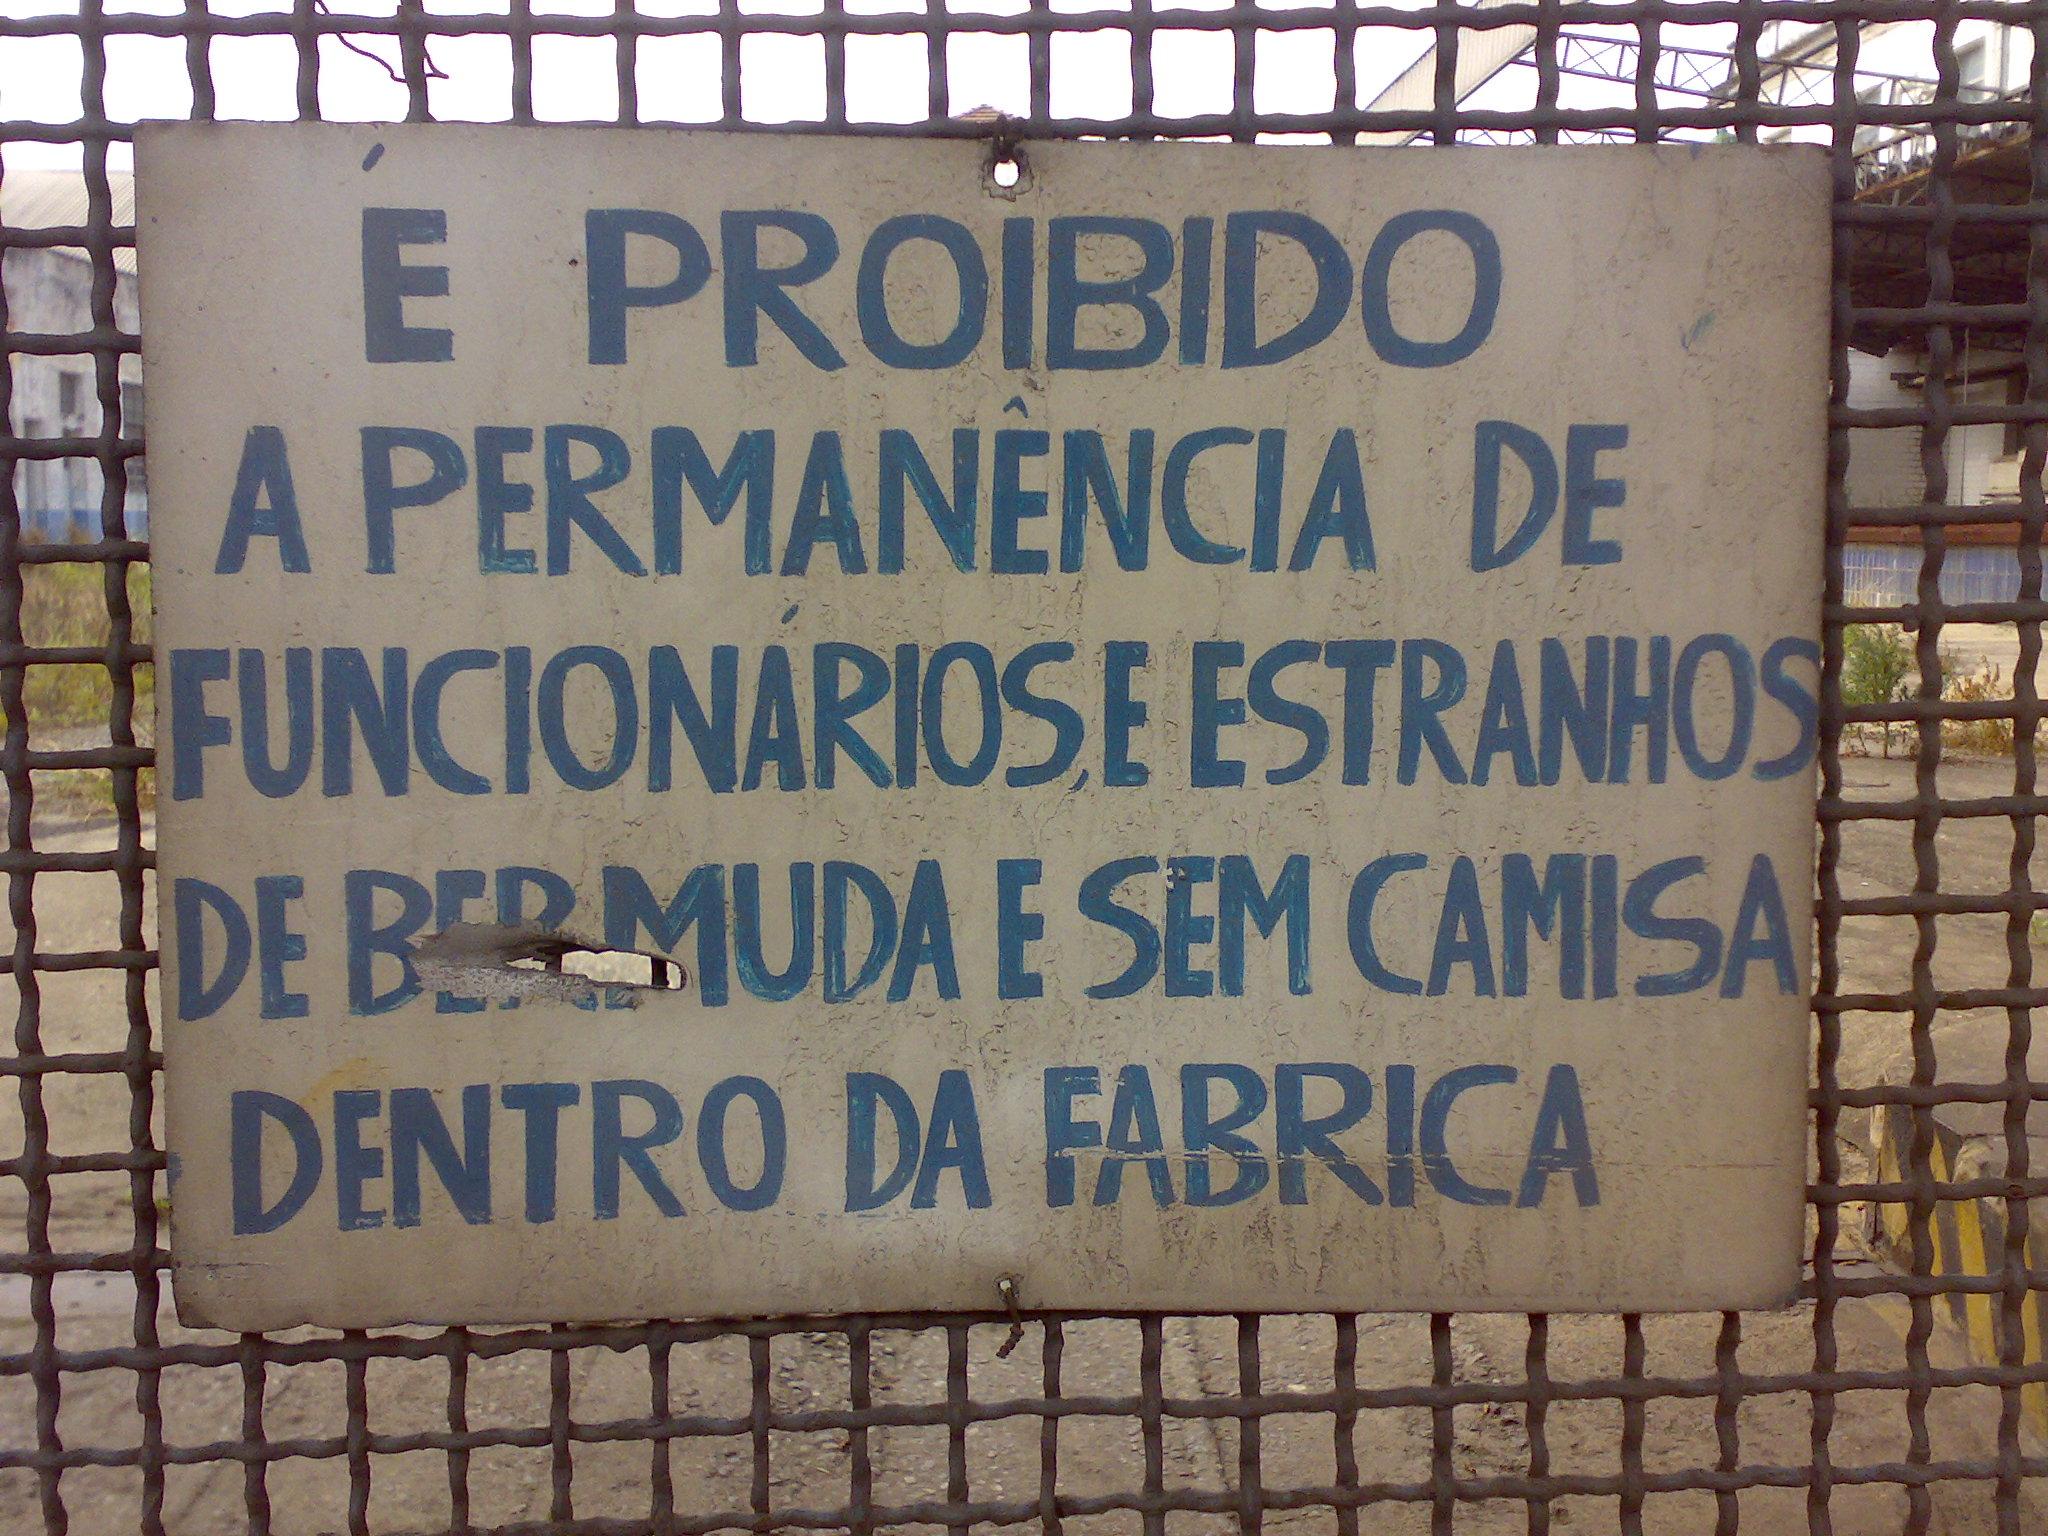 iG Colunistas – Blog do Curioso, por Marcelo Duarte - » Bem ...